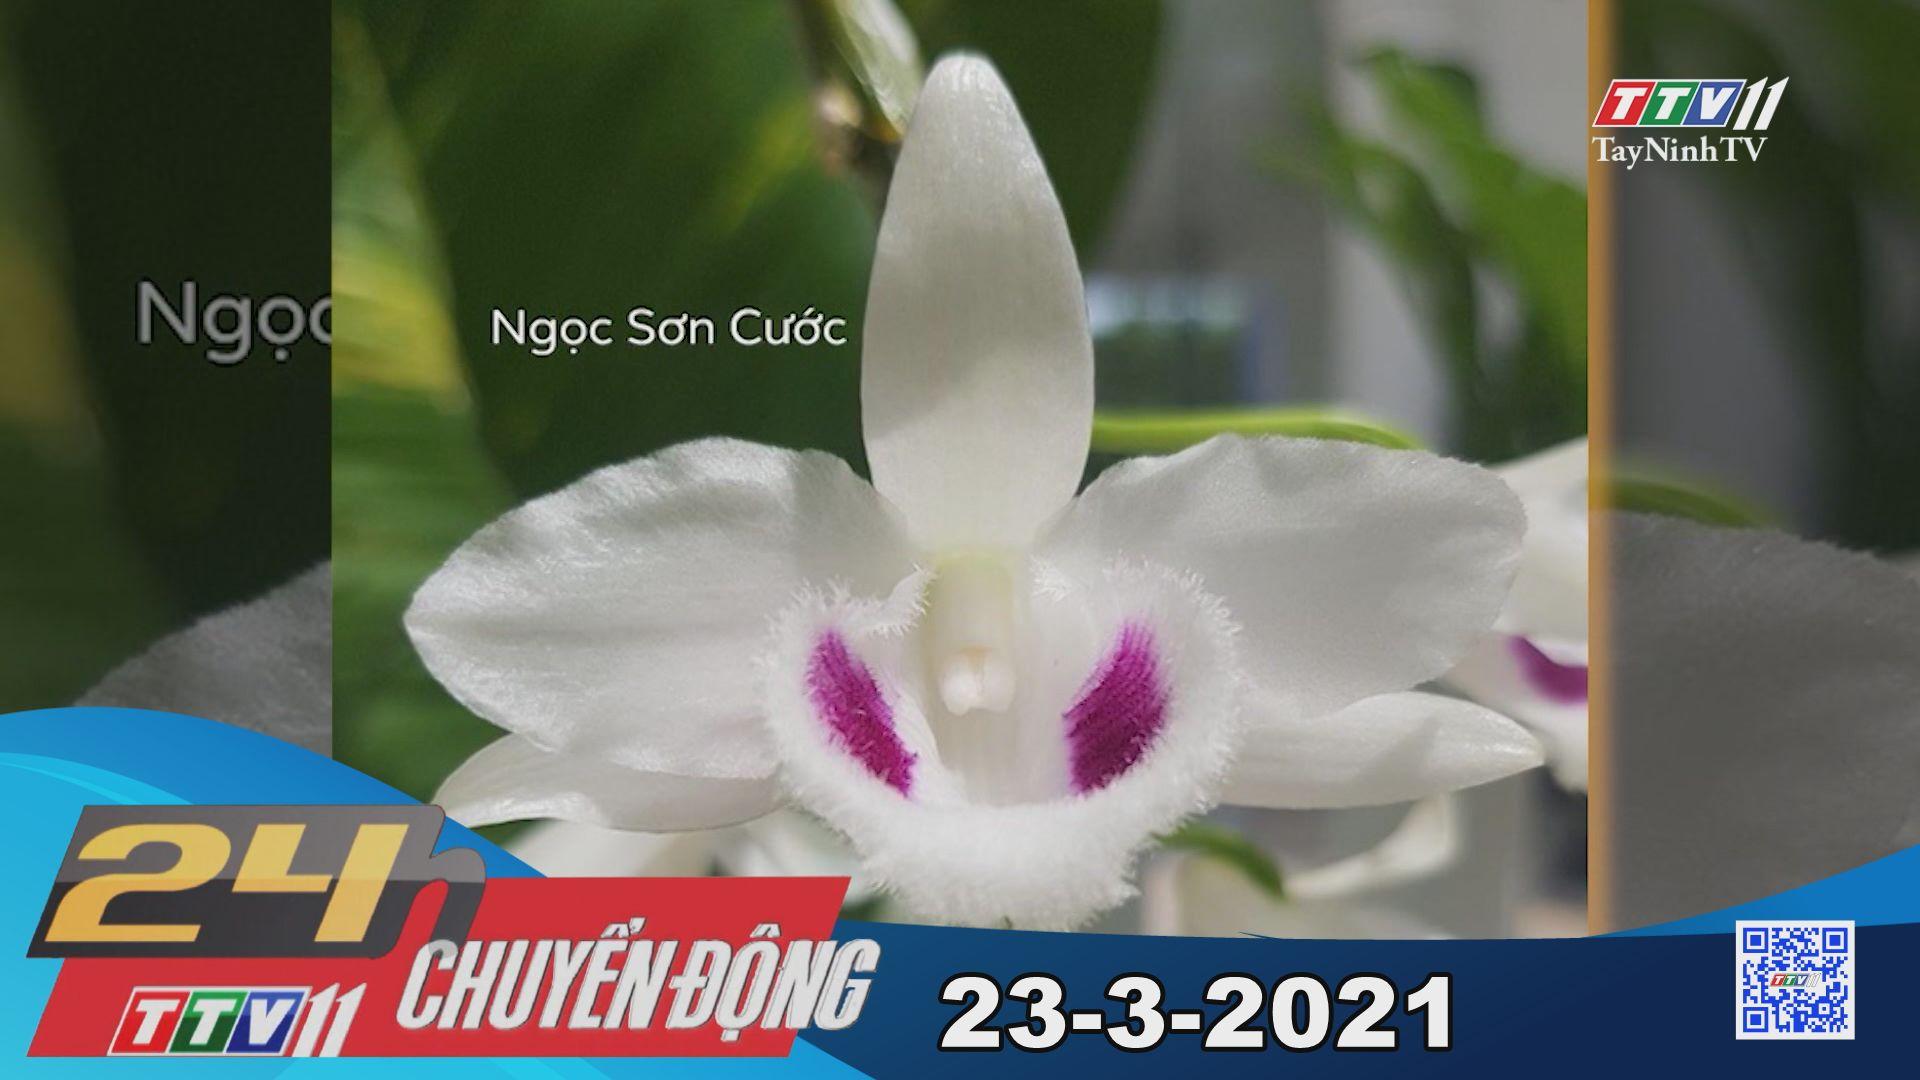 24h Chuyển động 23-3-2021 | Tin tức hôm nay | TayNinhTV